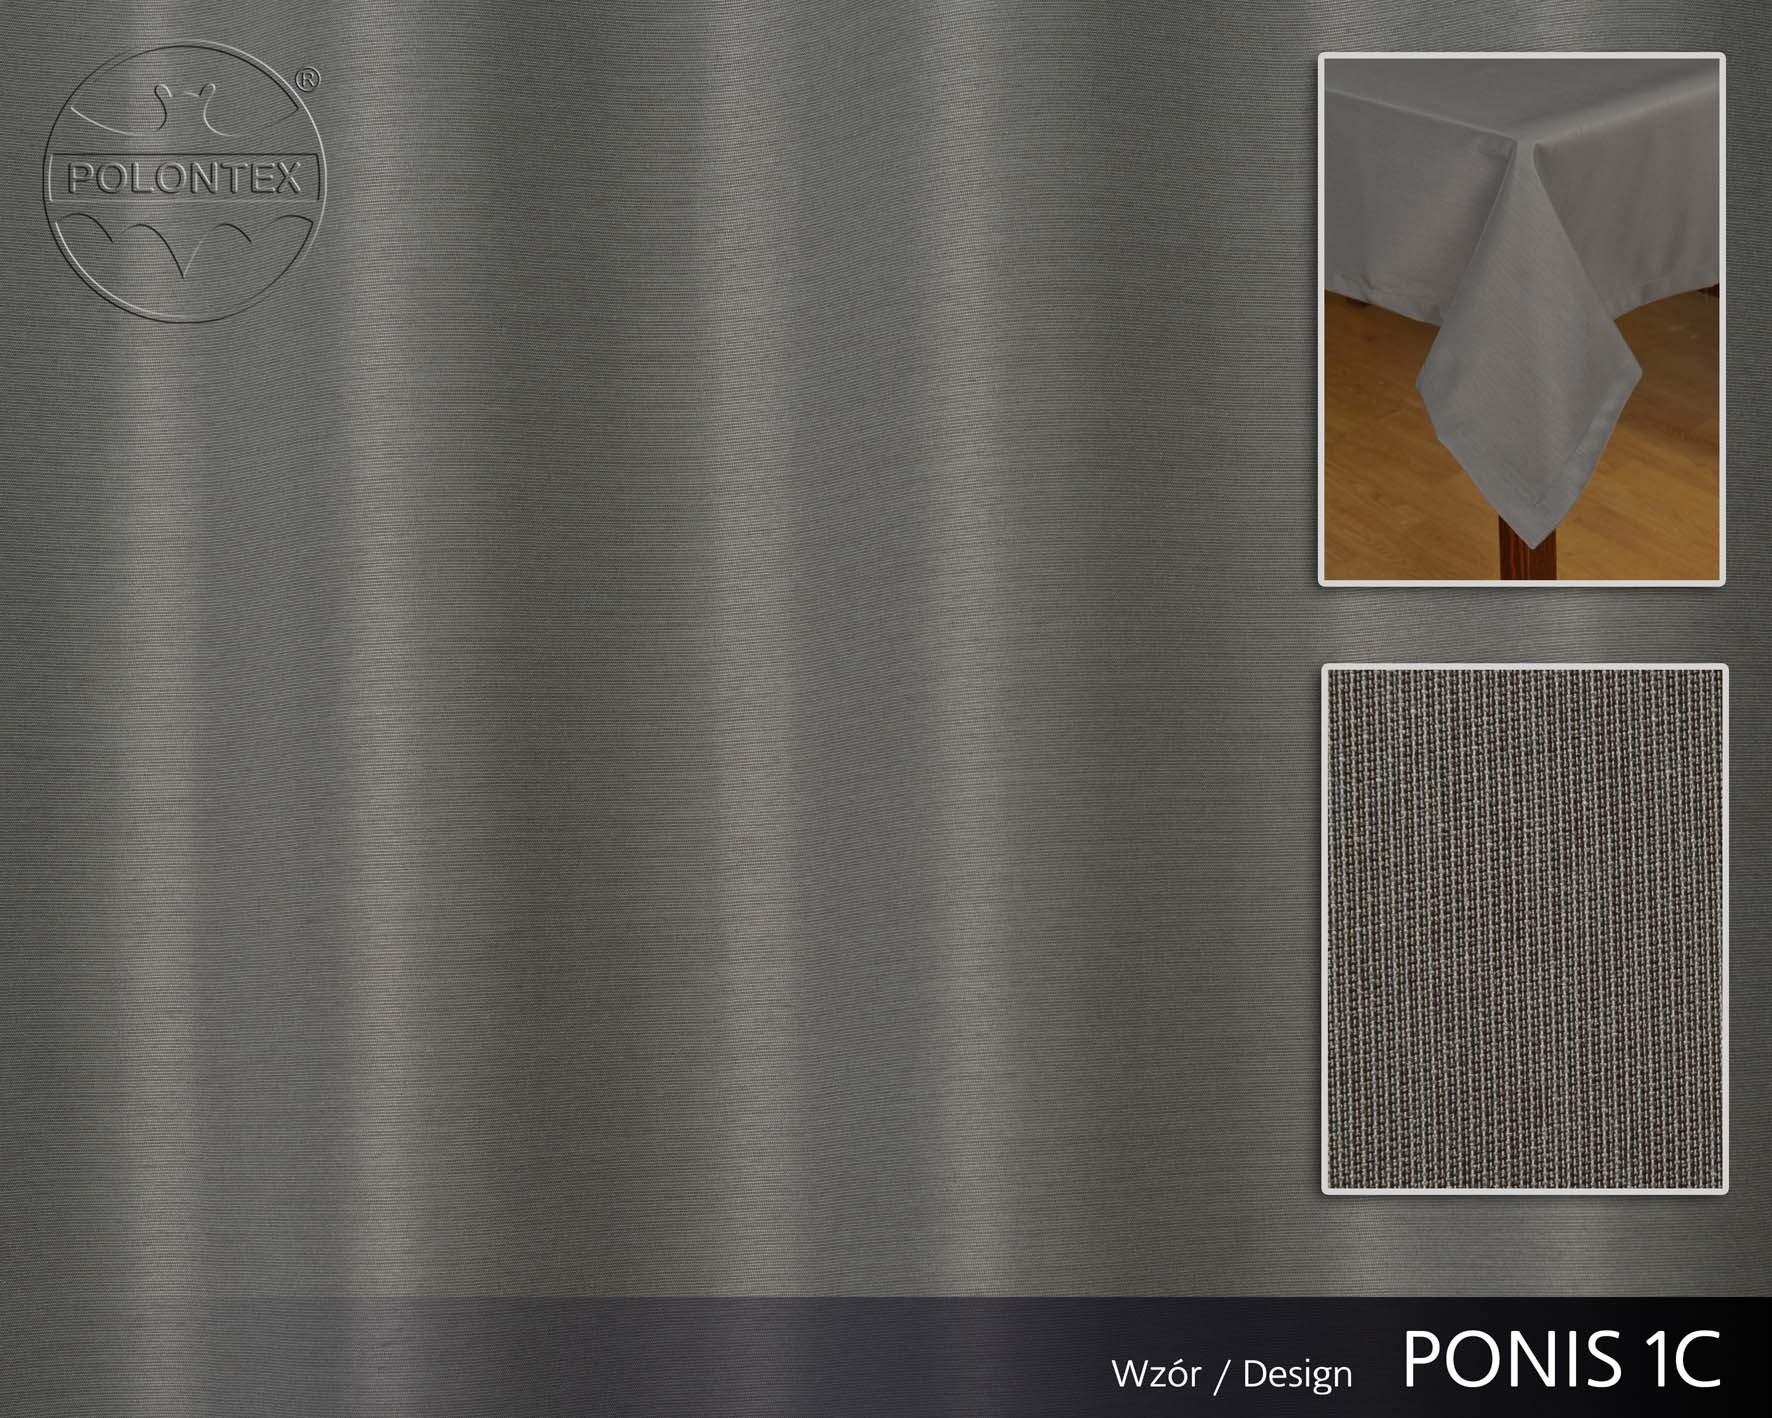 Ponis 1C 8485